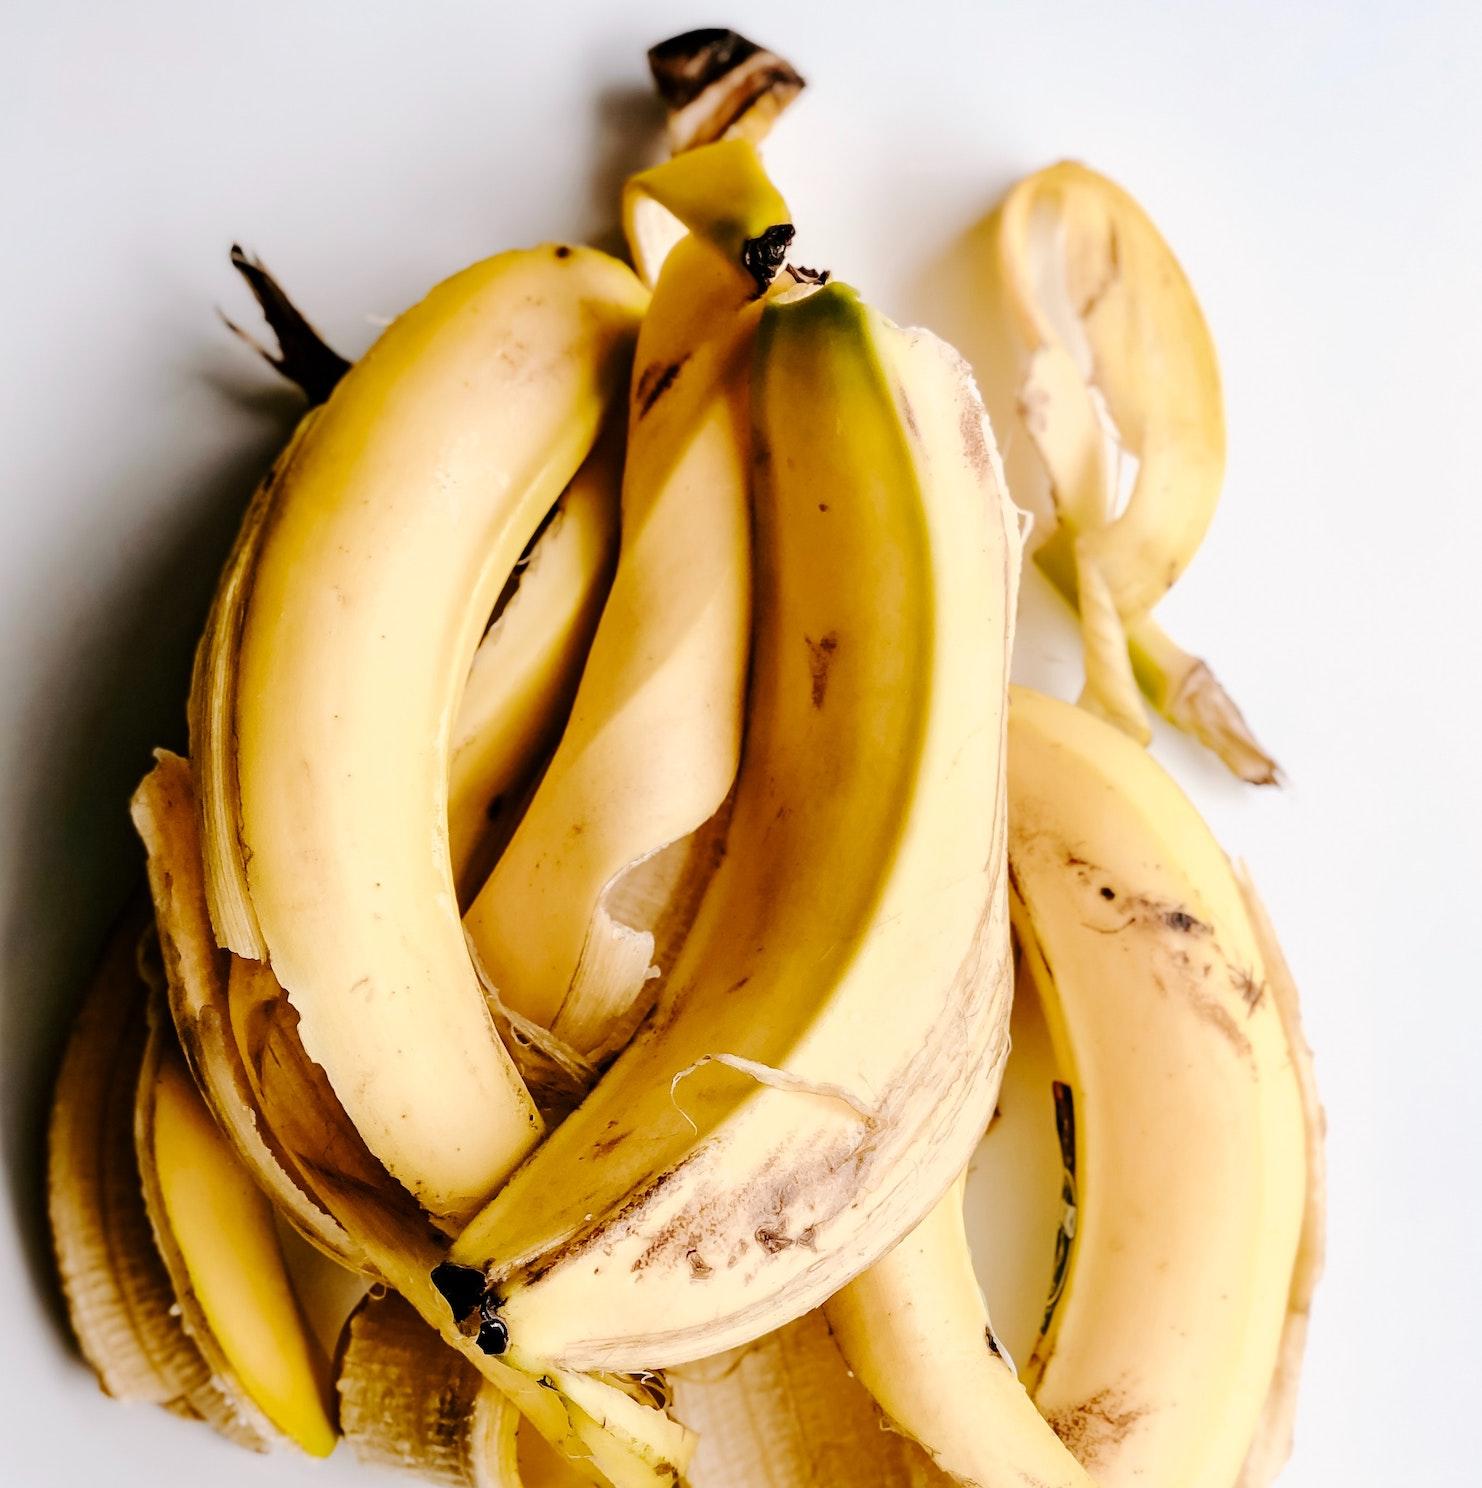 Banana Peel vs Dark Circles